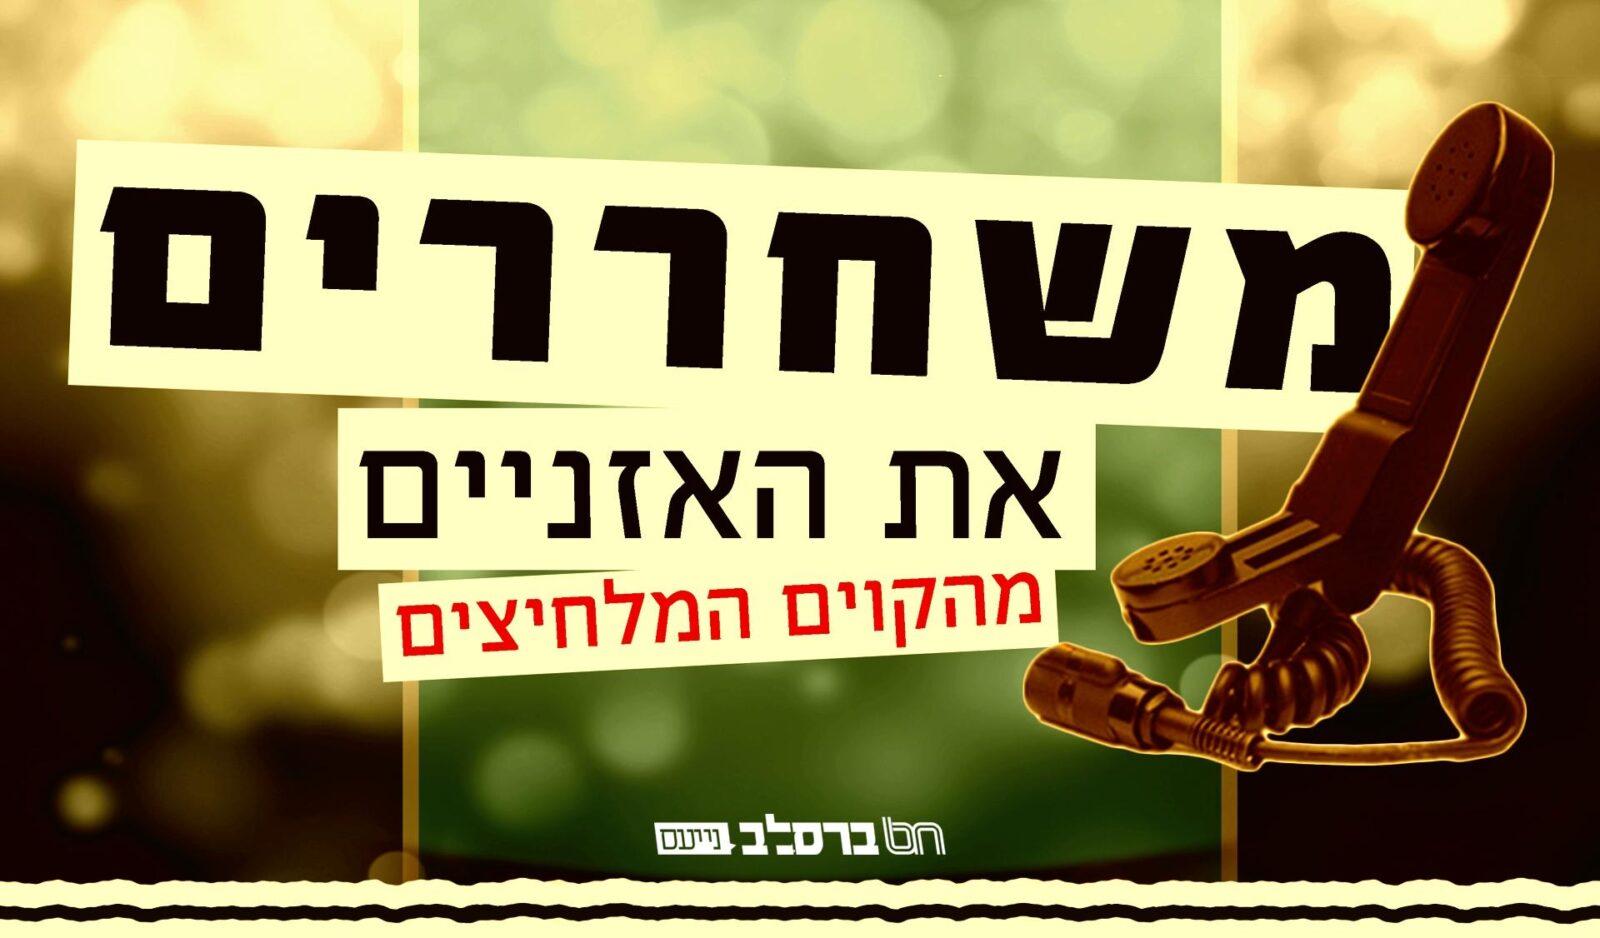 קו 'איחוד חסידי ברסלב': עם שיחות לקראת יומא דהילולא של רבי שמעון בר יוחאי • עברית